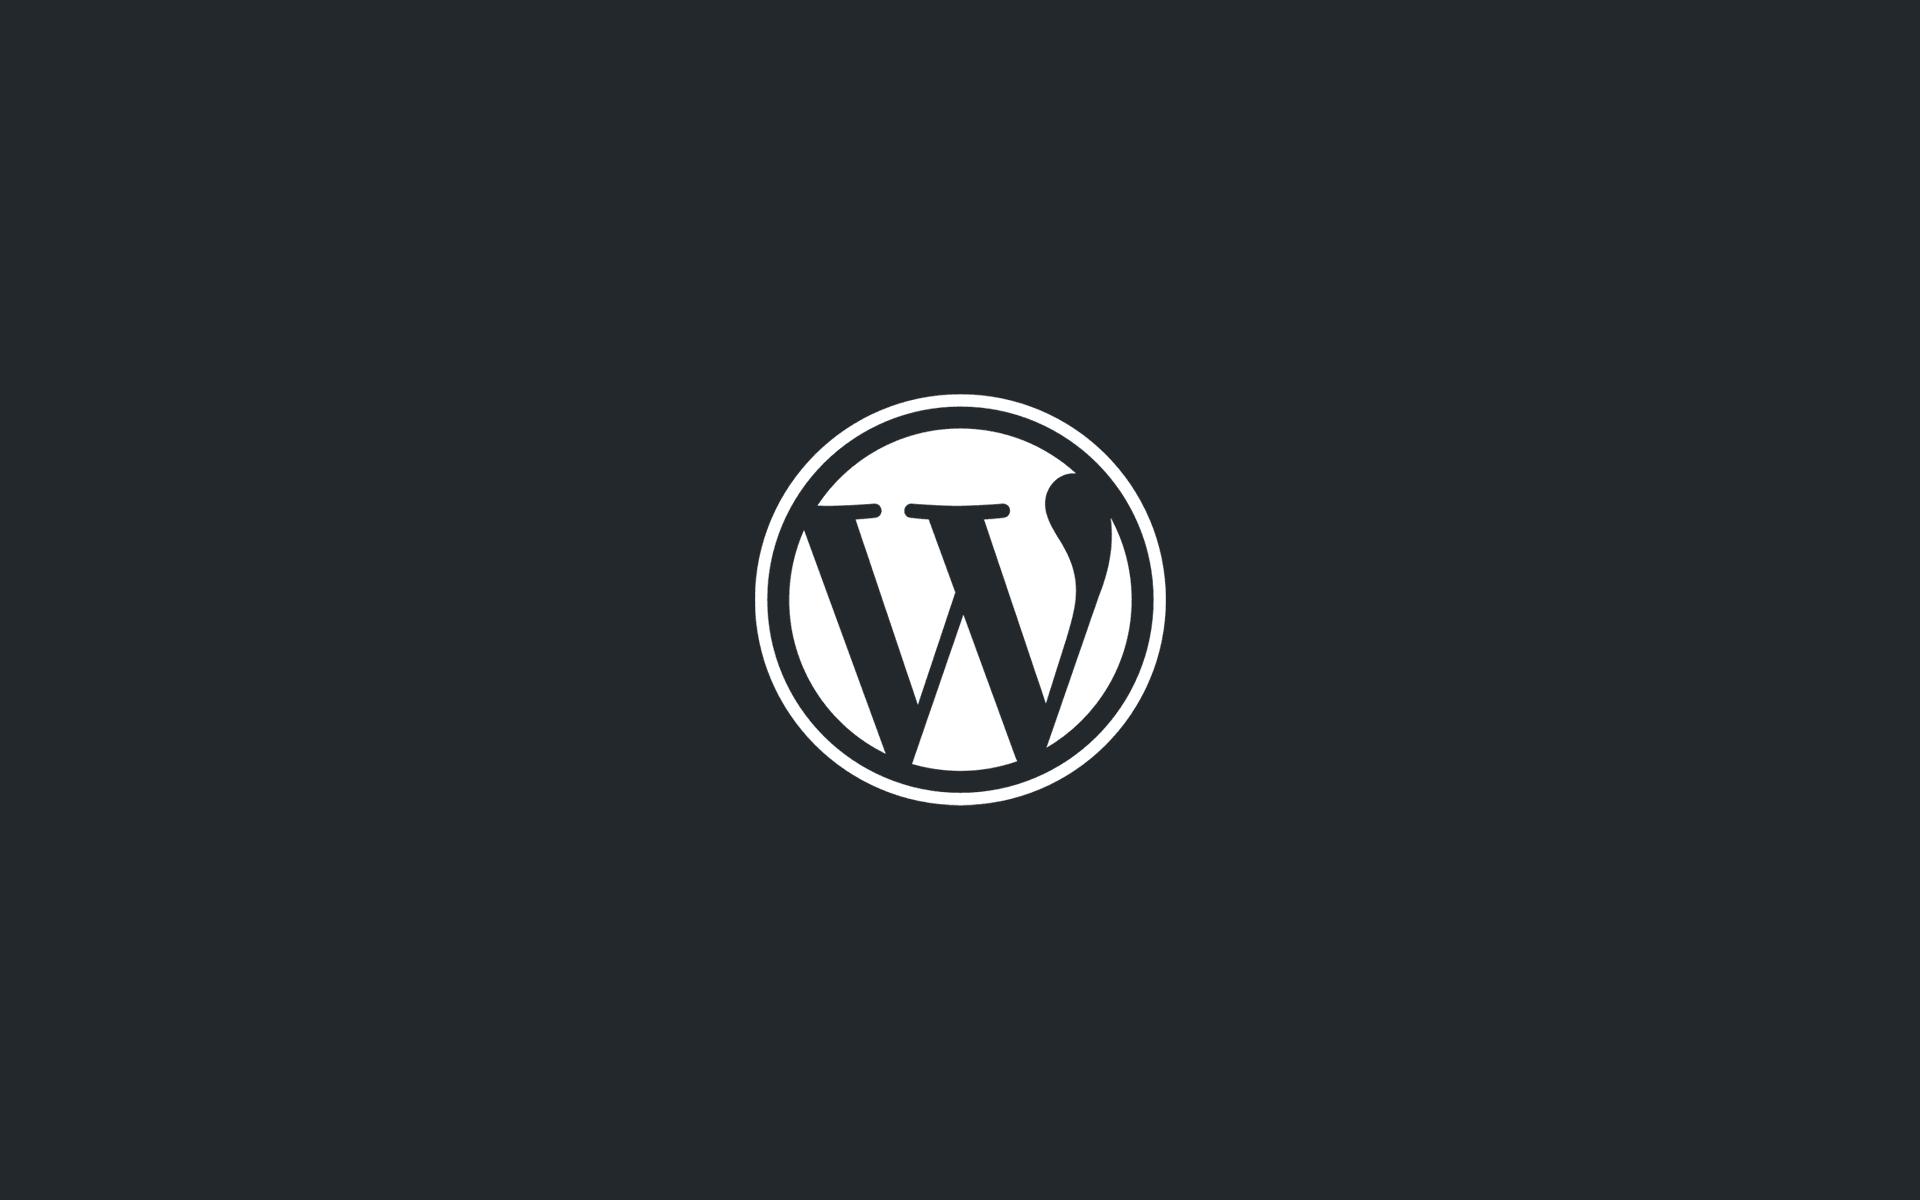 WordPressのデータベースからタイトル、URL、本文を取得する